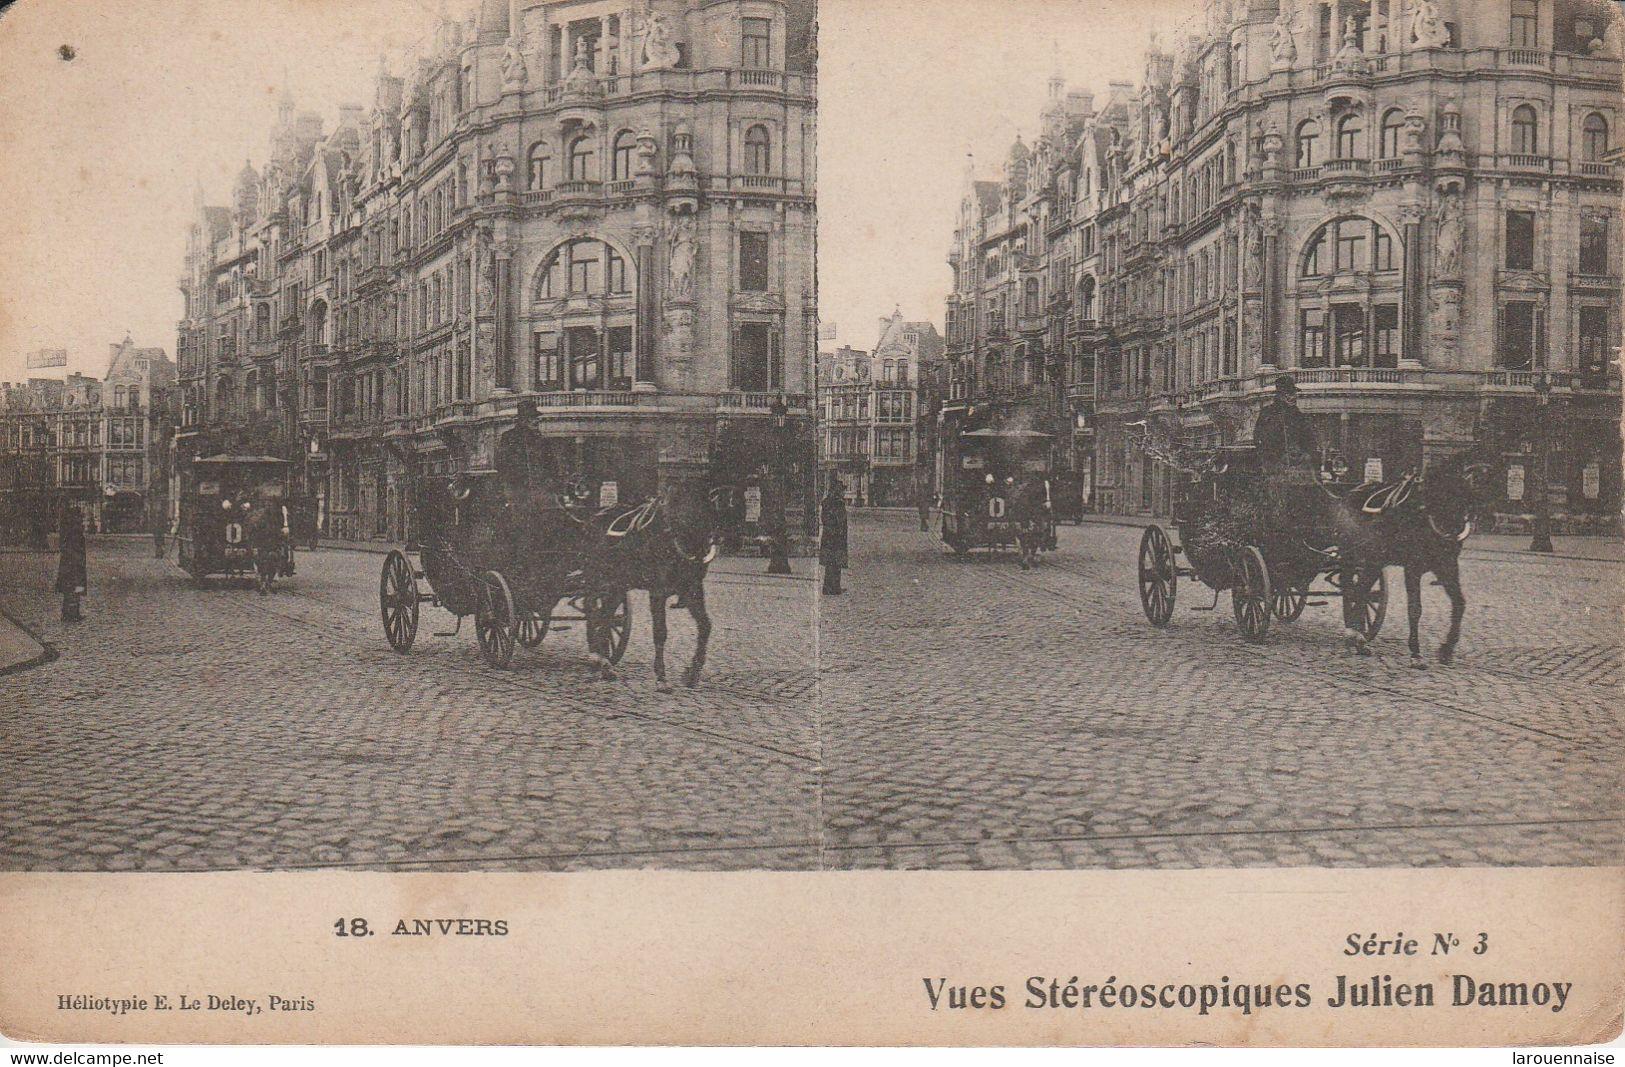 Belgique - ANVERS - Vues Stéréoscopiques Julien Damoy - Cartoline Stereoscopiche